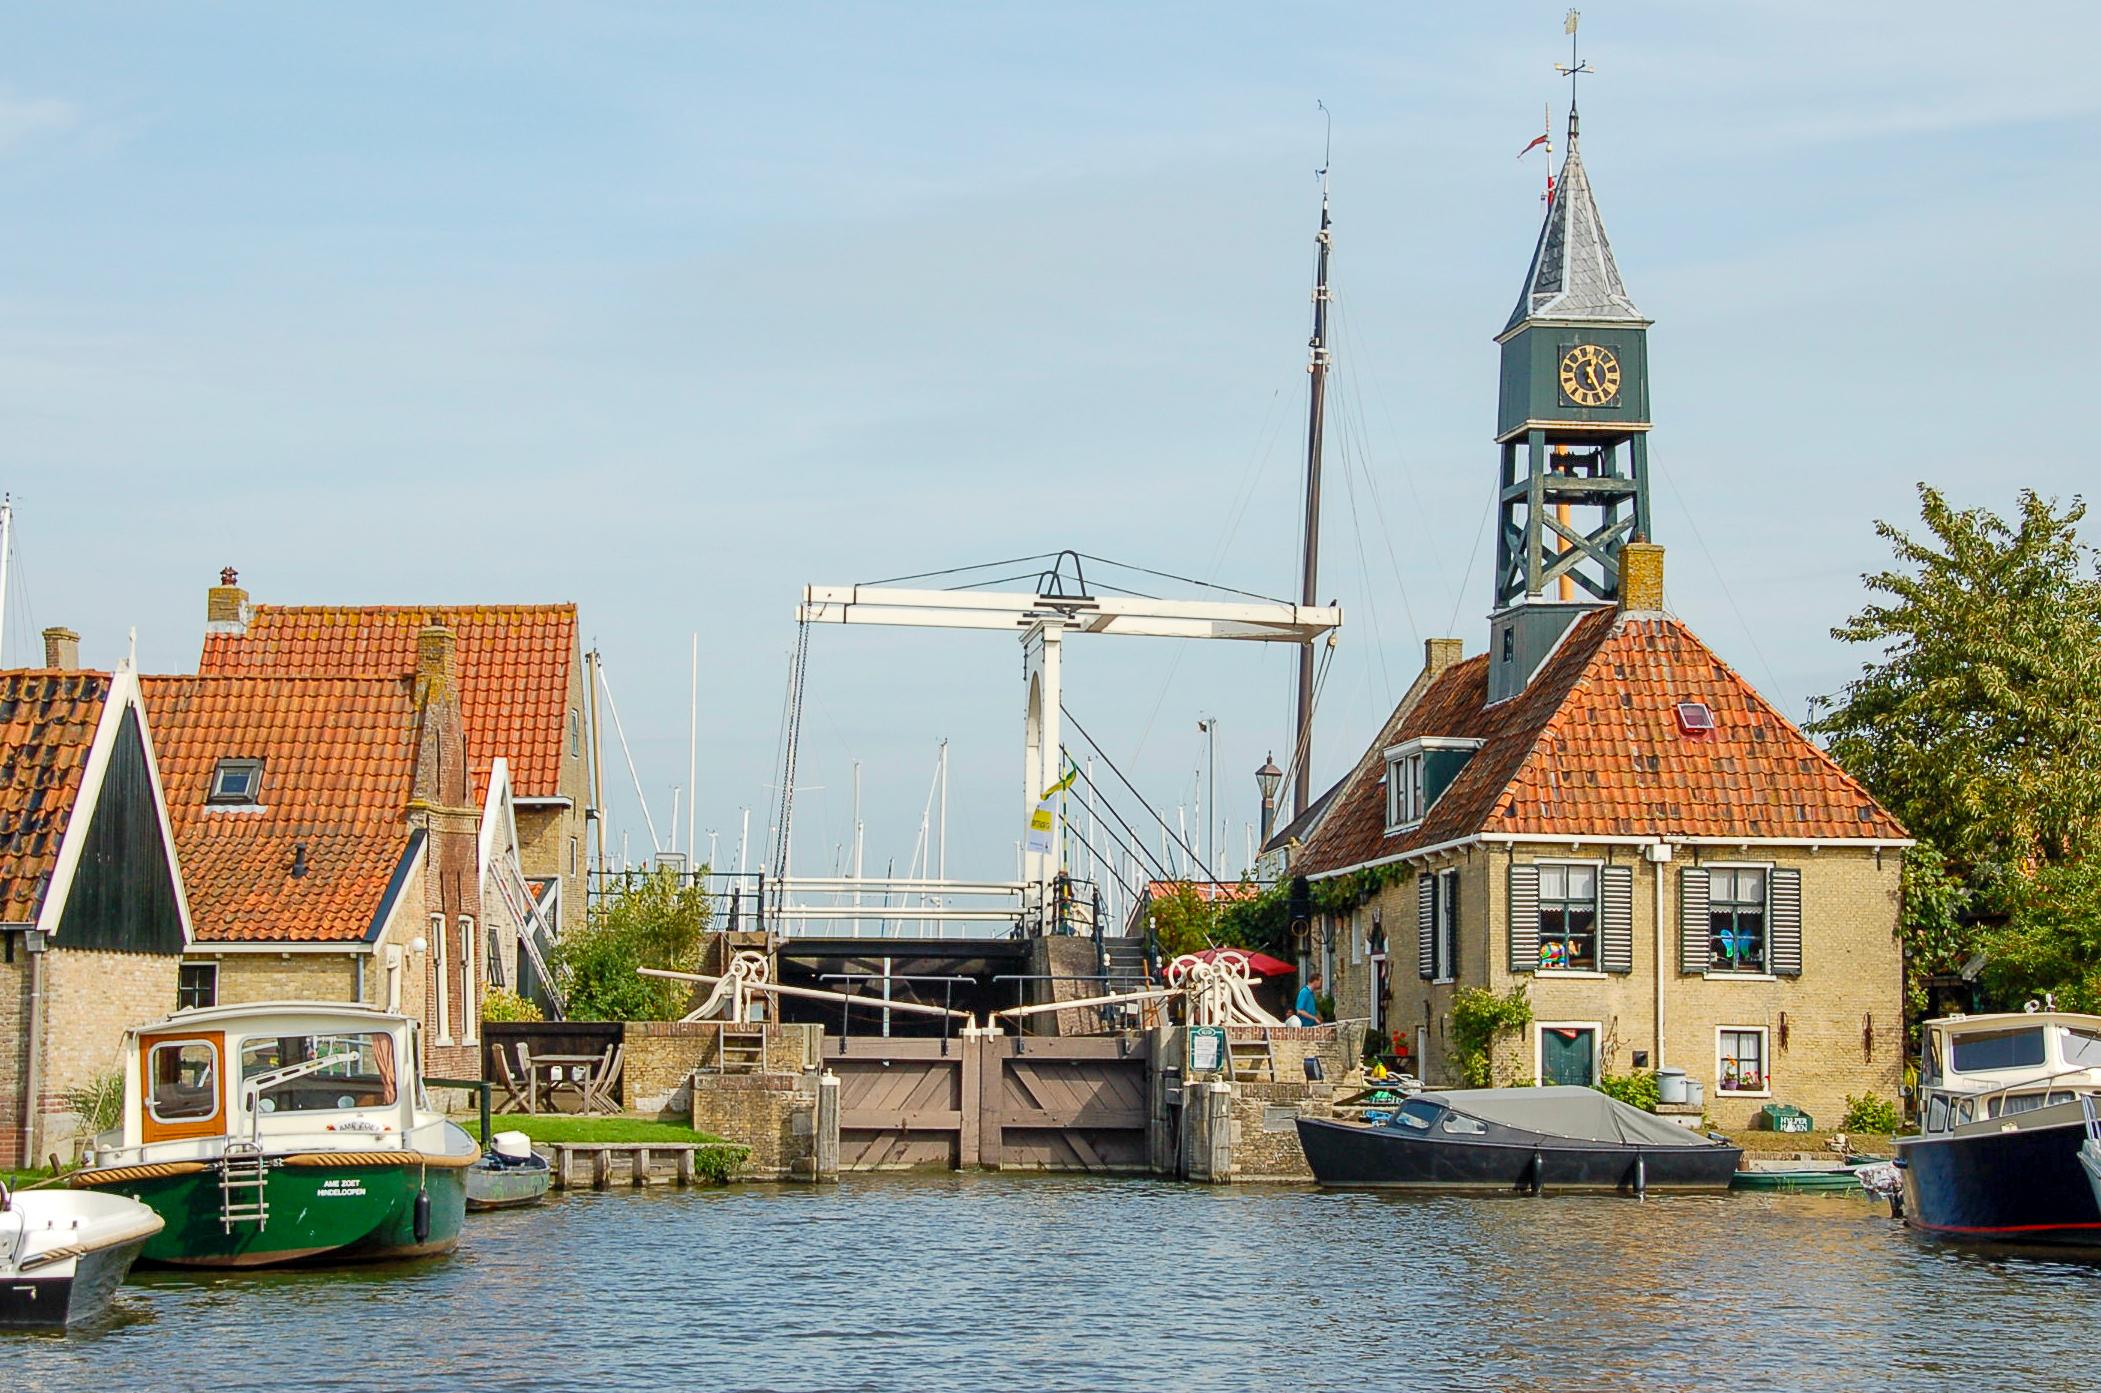 Kleine Orte wie Hindeloopen begleiten die Reisenden mit der Schaluppe in Friesland